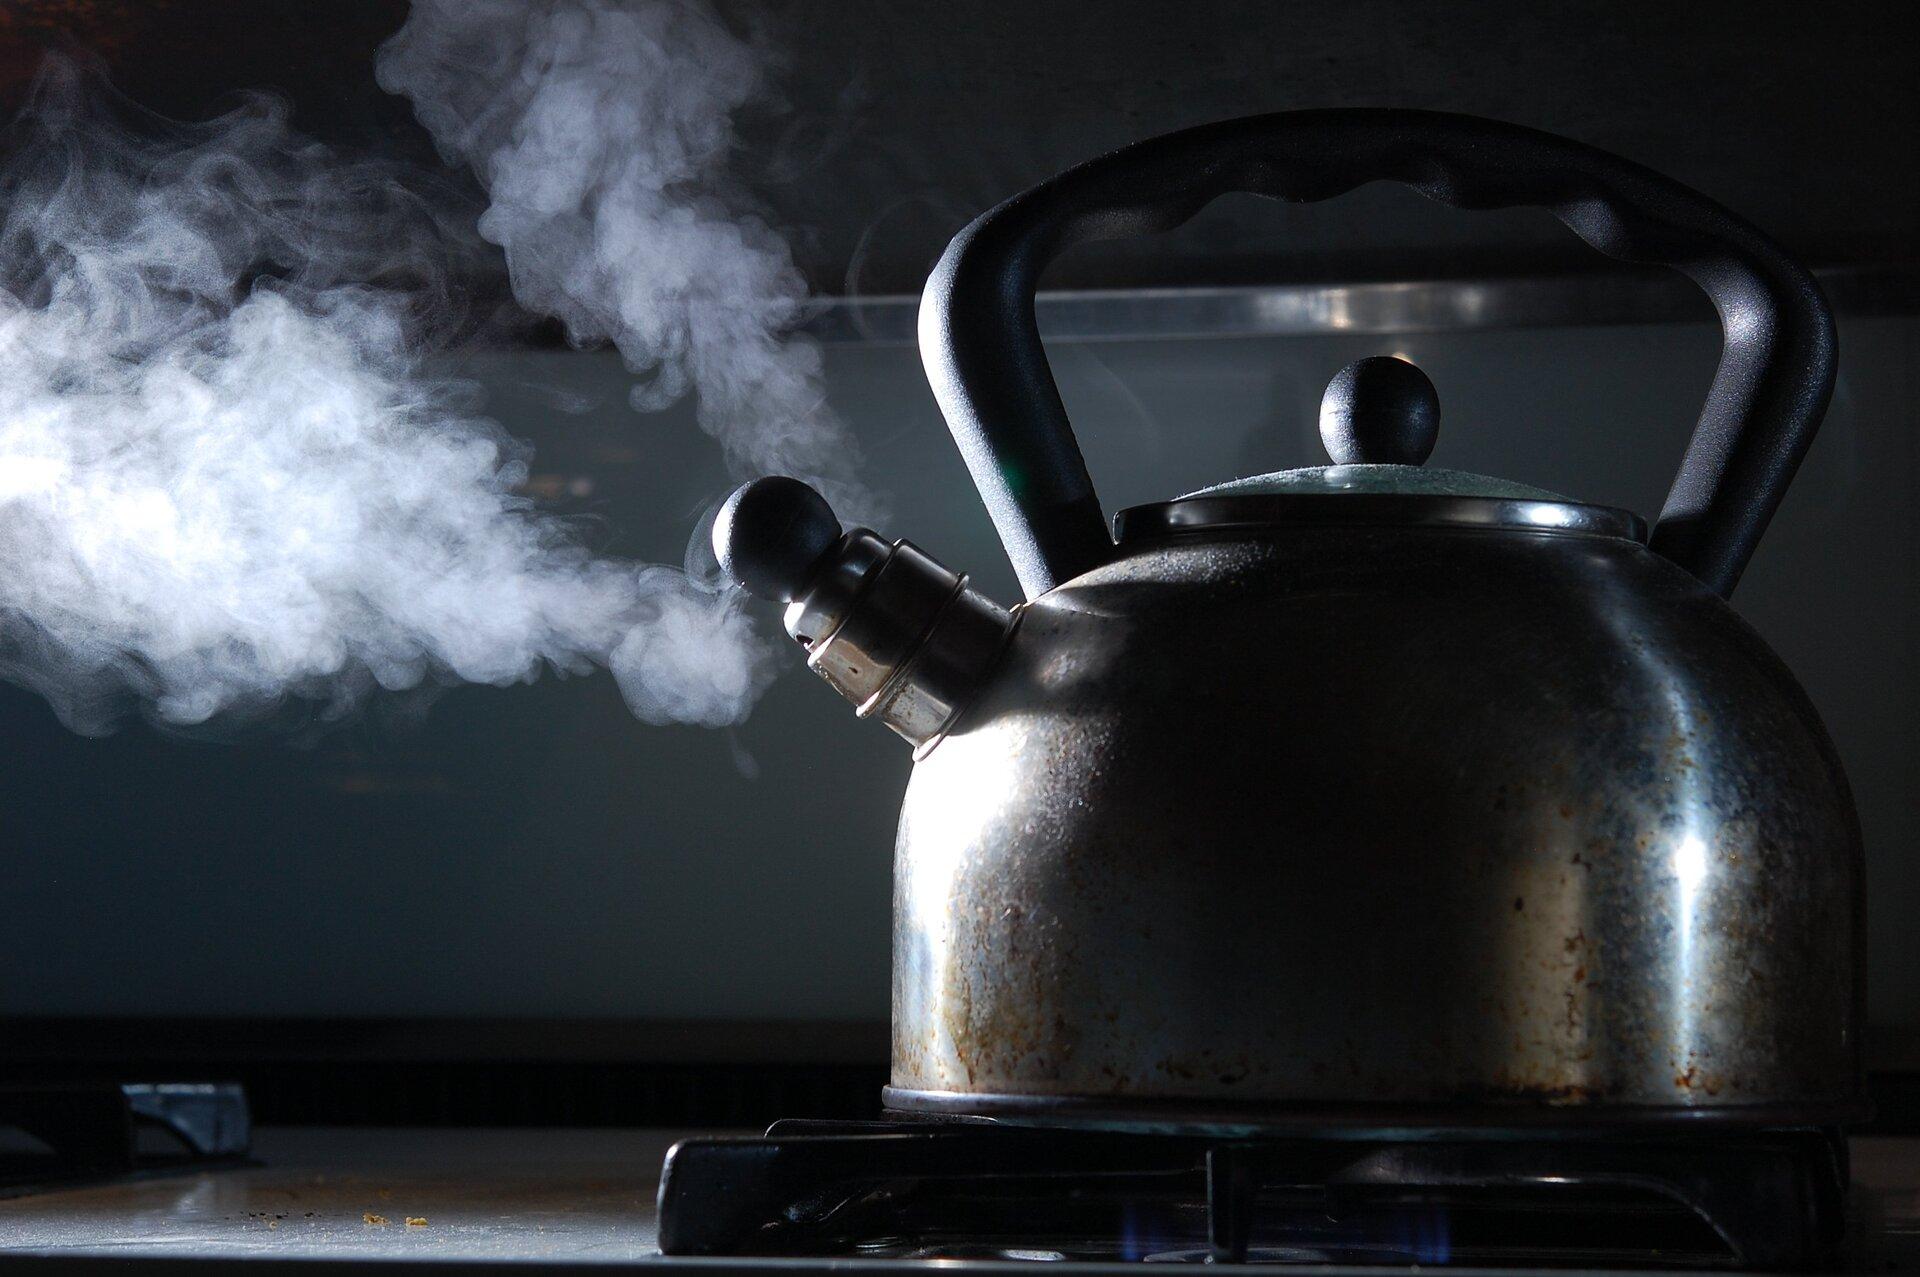 Zdjęcie przedstawia pokazany zboku stojący na palniku kuchenki gazowej czajnik. Naczynie ipalnik zajmują prawą stronę kadru, czajnik zwrócony jest gwizdkiem wlewą stronę. Zgwizdka wylatuje rozdwojony strumień pary, który podobnie jak lewa część czajnika podświetlony zostaje przez strumień światła padający na scenę spoza lewej krawędzi kadru.